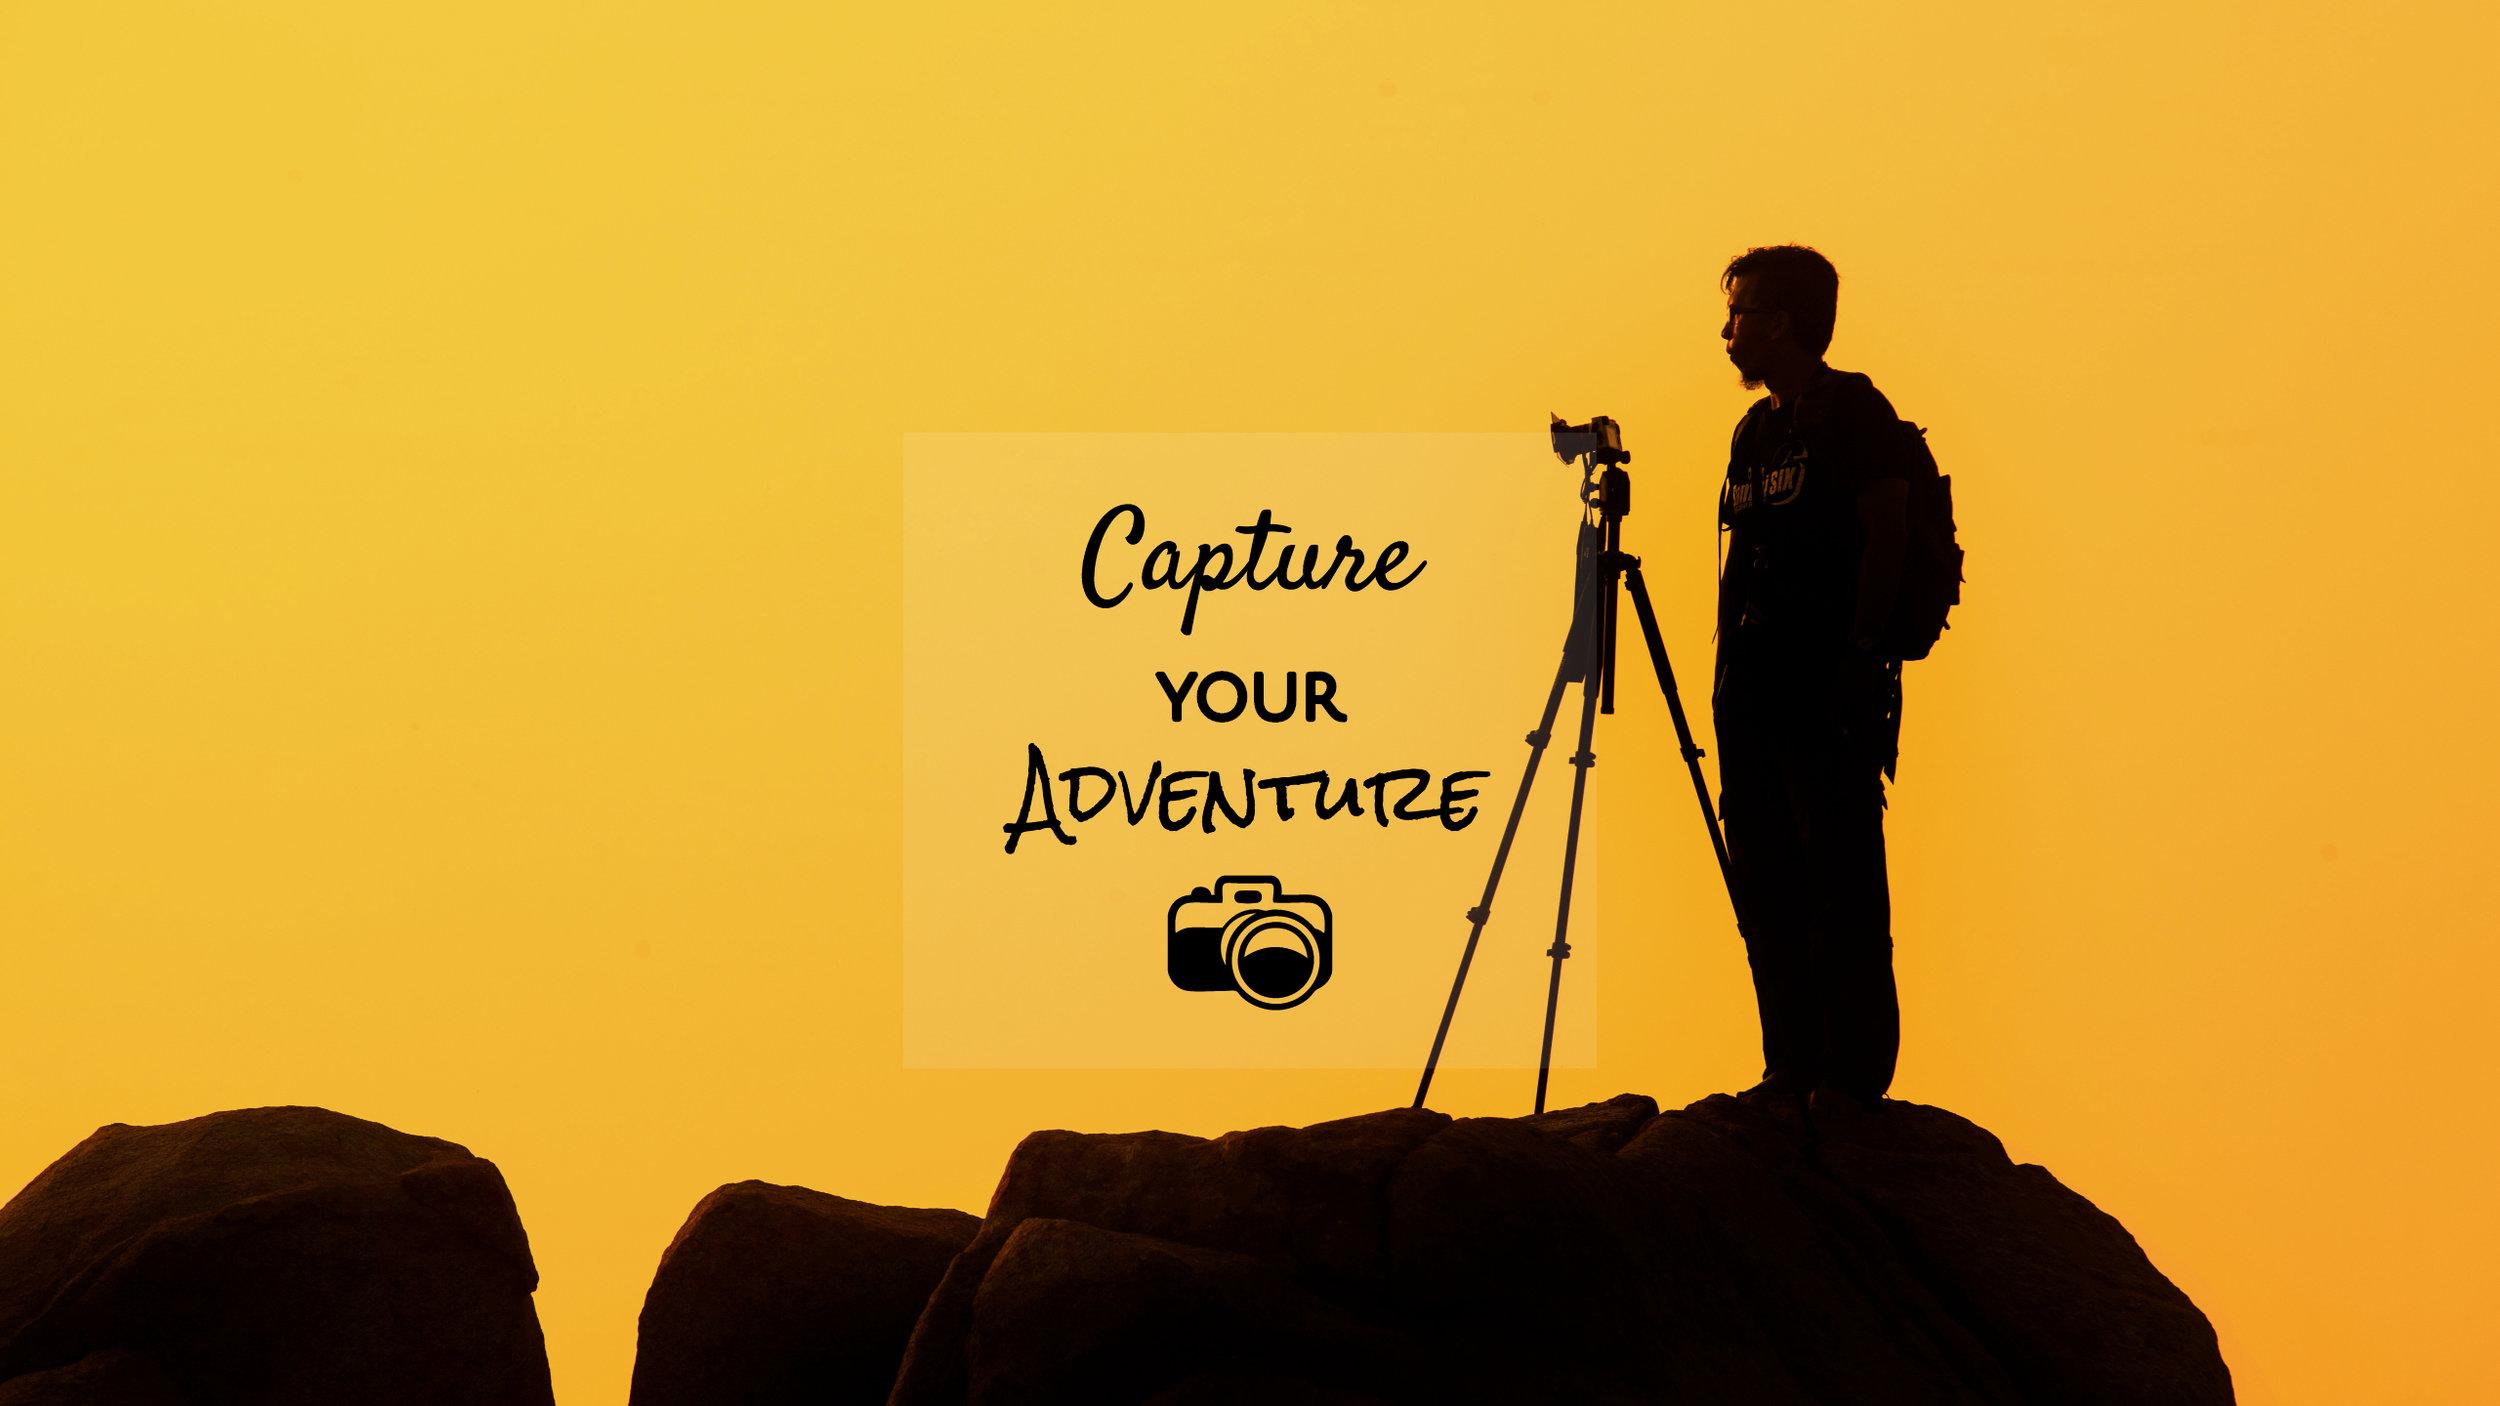 capture-your-adventure.jpg